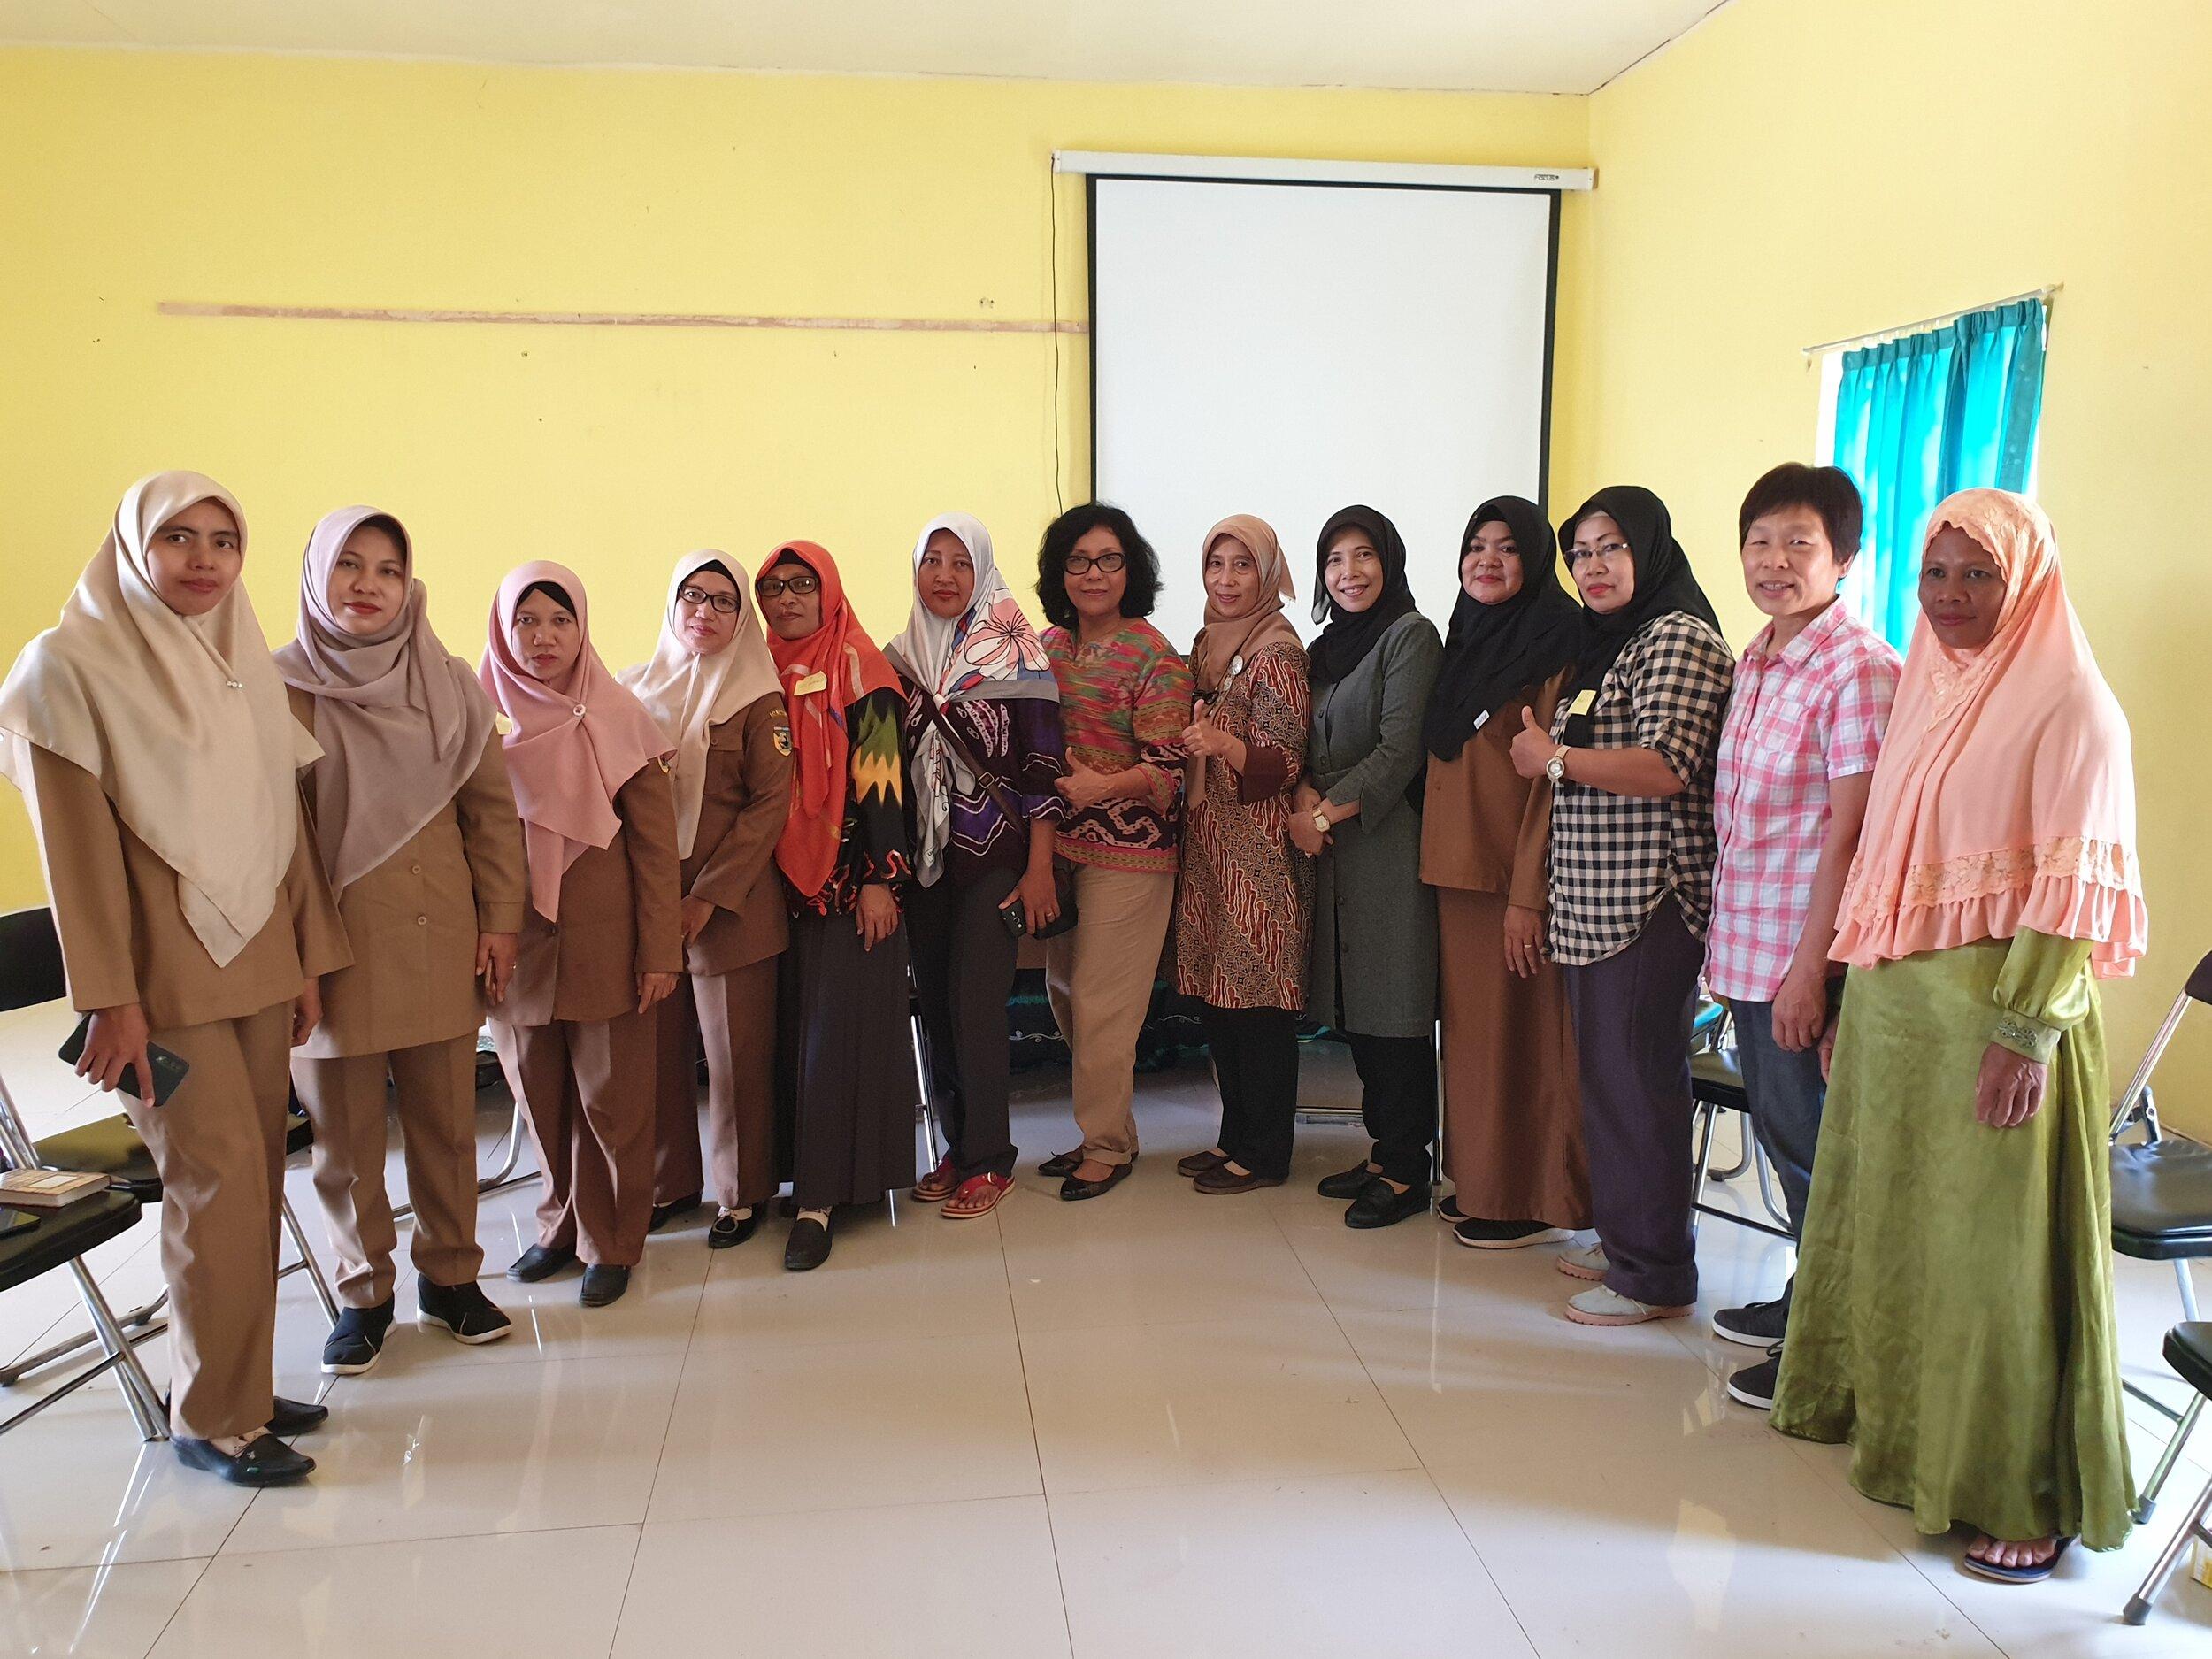 Women's gender Focus Group Discussion participants and researchers, Tanah Laut, KalSel, August 2019.  Photo: Rene Villano